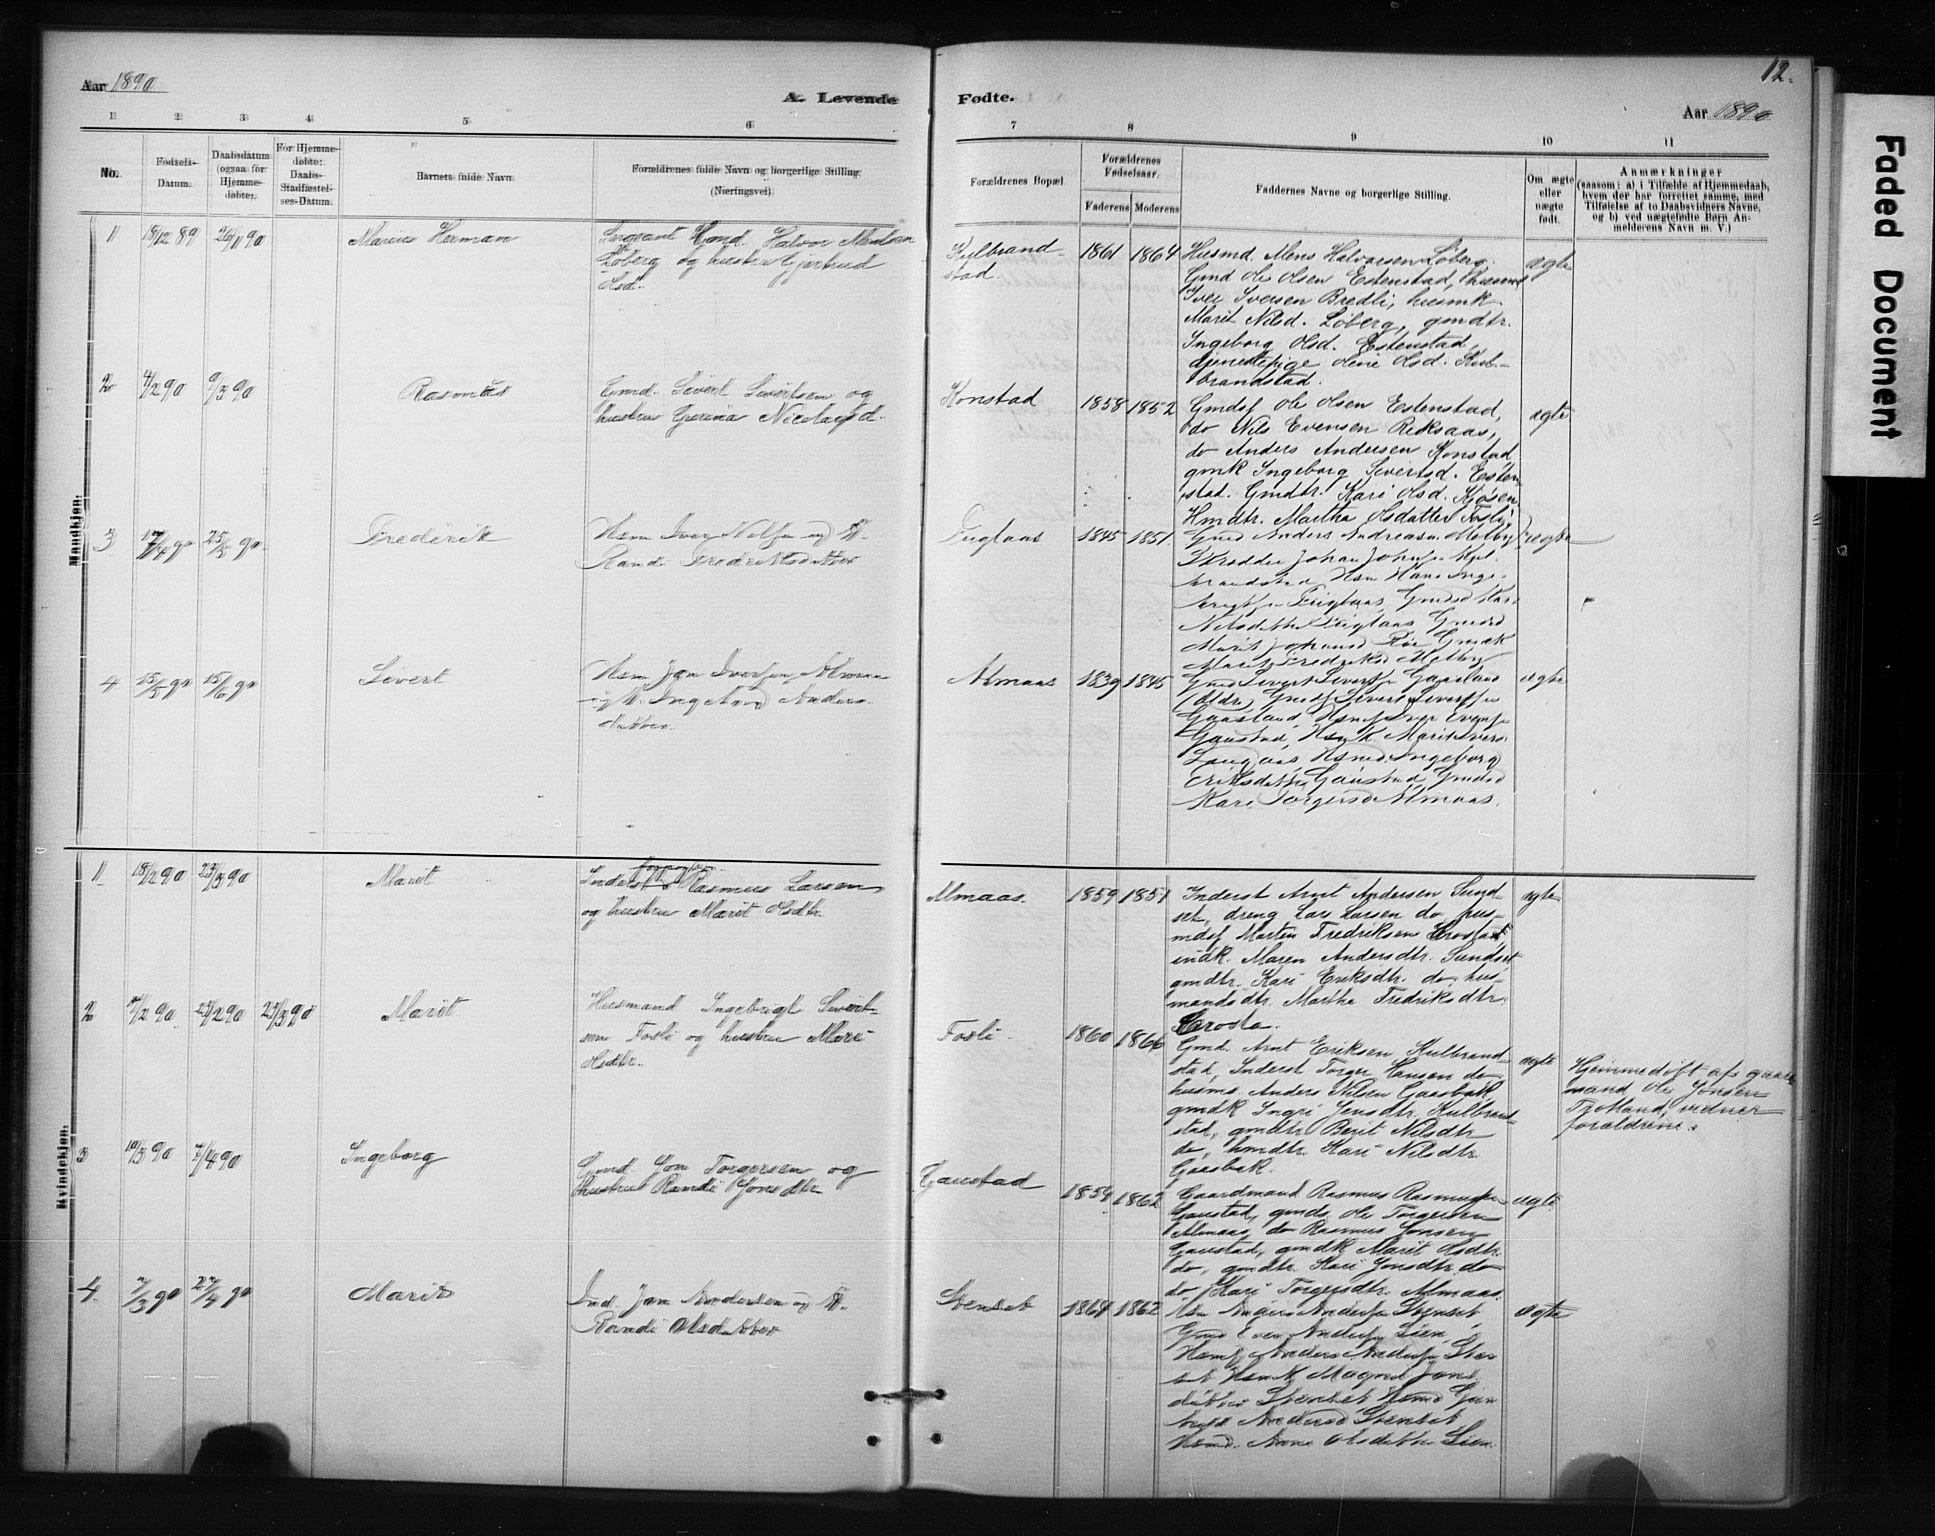 SAT, Ministerialprotokoller, klokkerbøker og fødselsregistre - Sør-Trøndelag, 694/L1127: Ministerialbok nr. 694A01, 1887-1905, s. 12